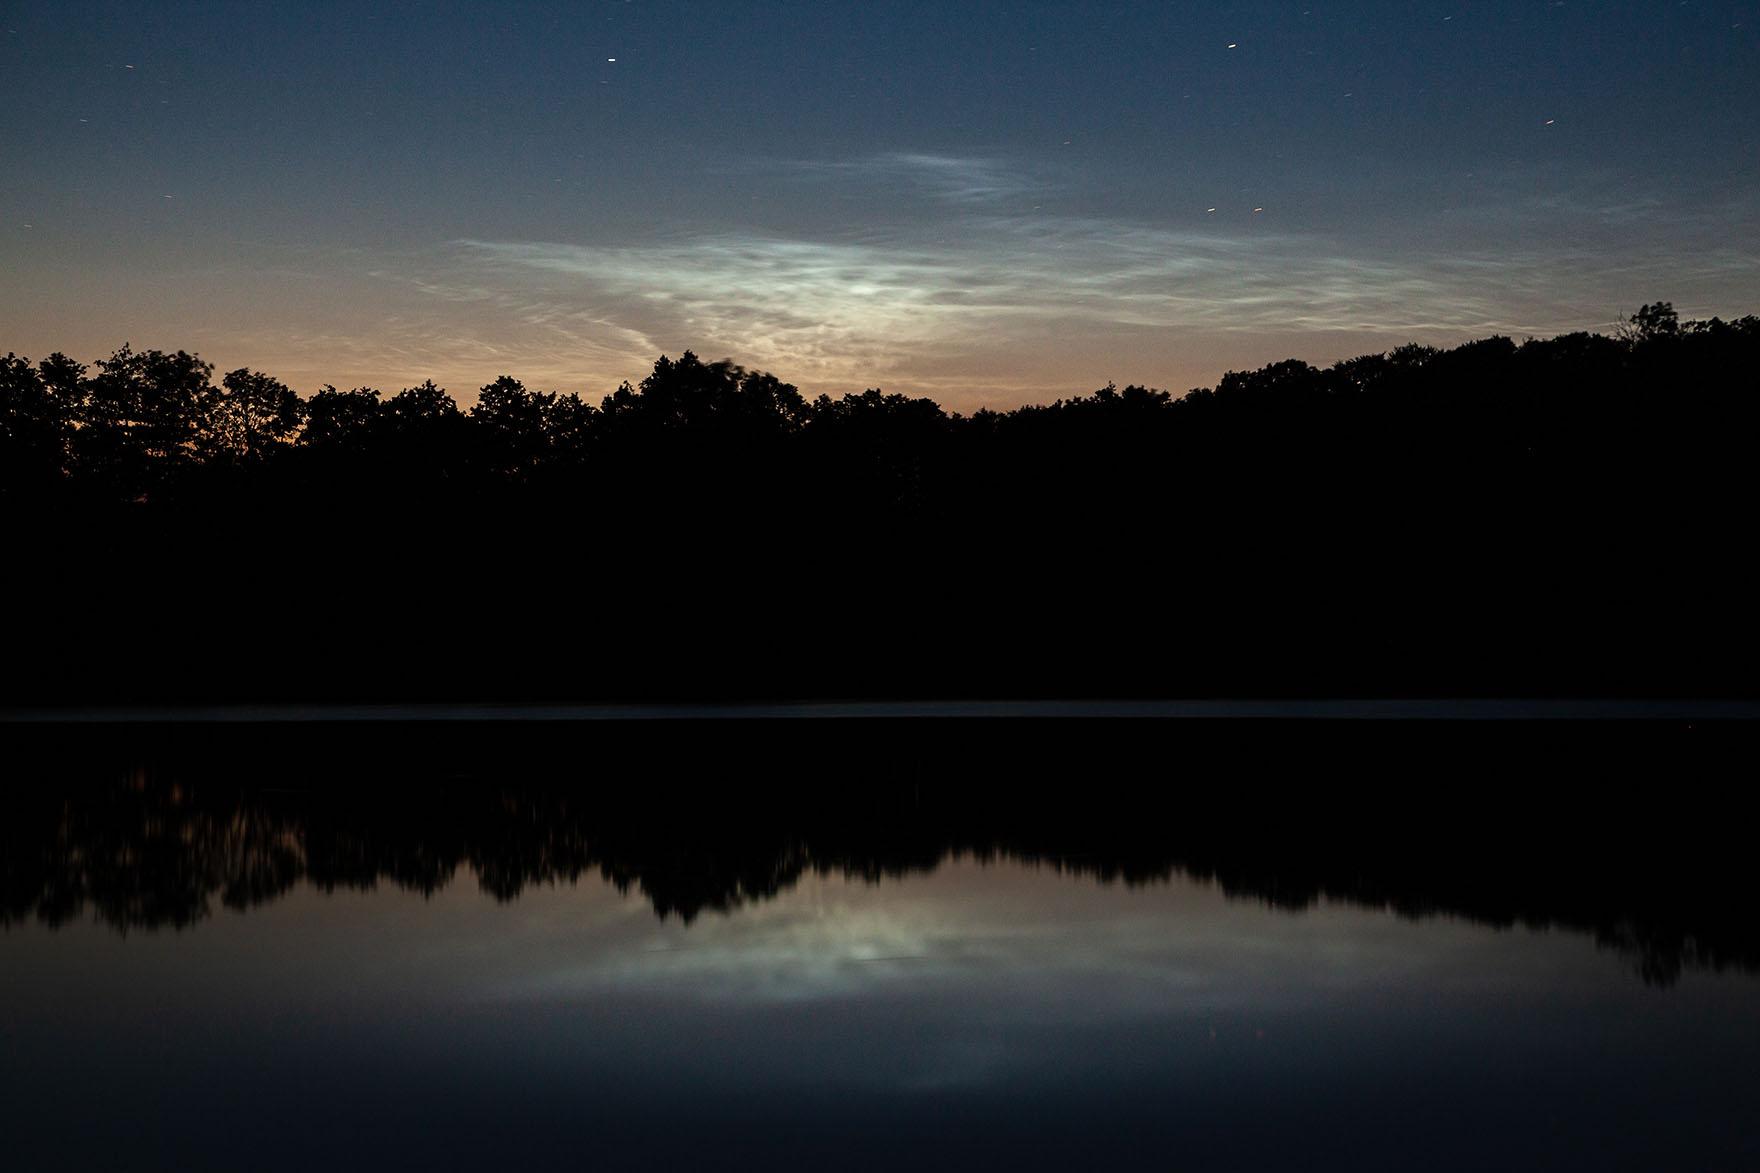 leuchtende Nachtwolken über einem kleinen See